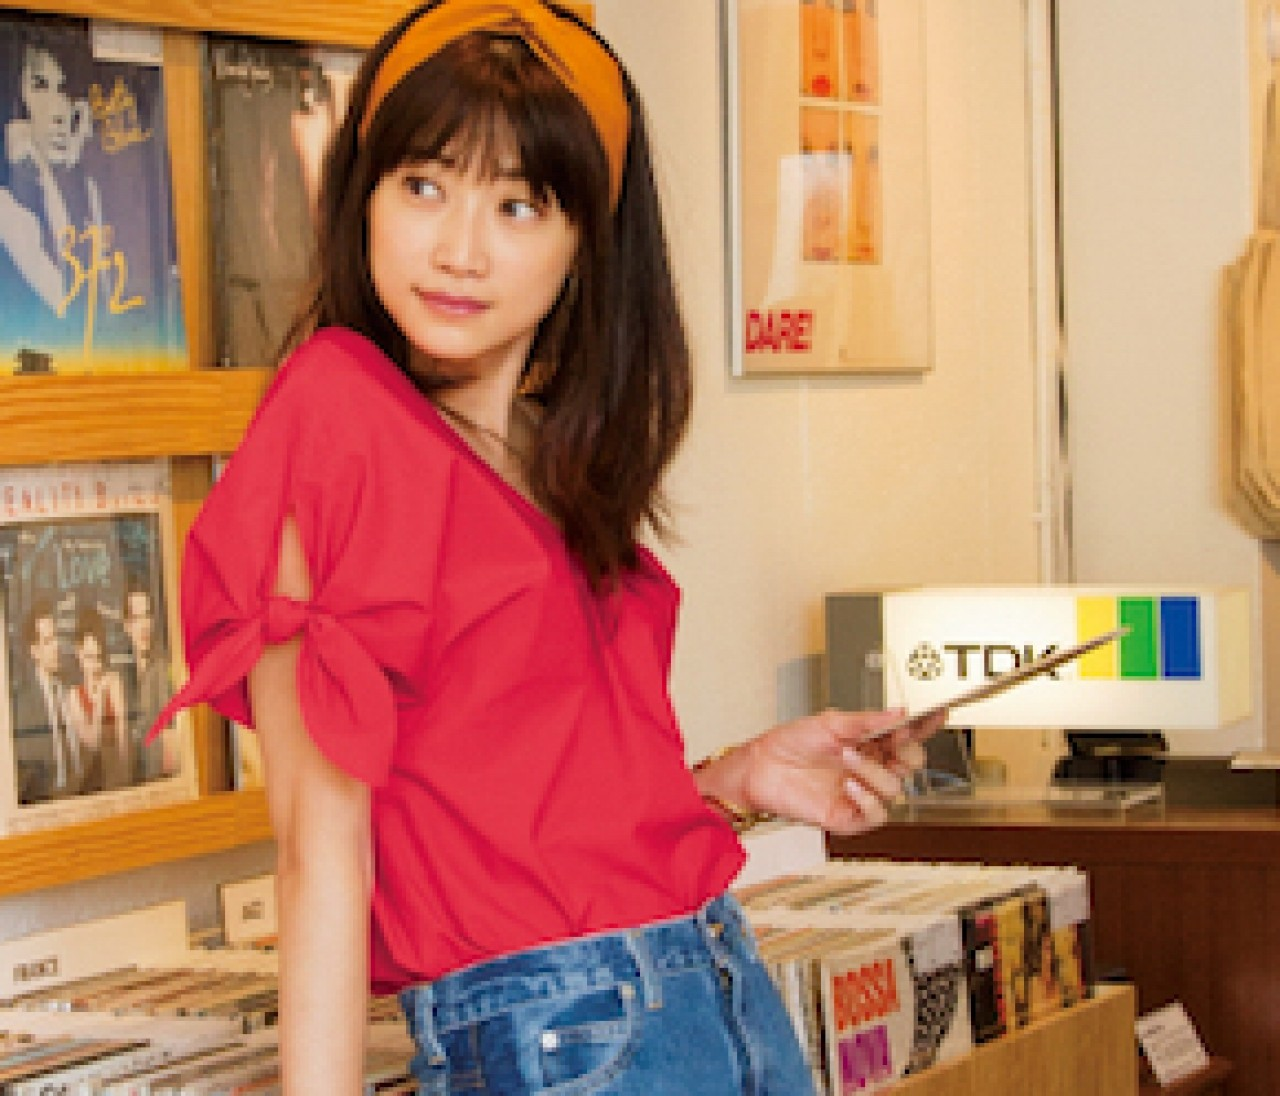 【袖コントップス×夏デニム】がいちばん簡単、いちばんおしゃれ♡